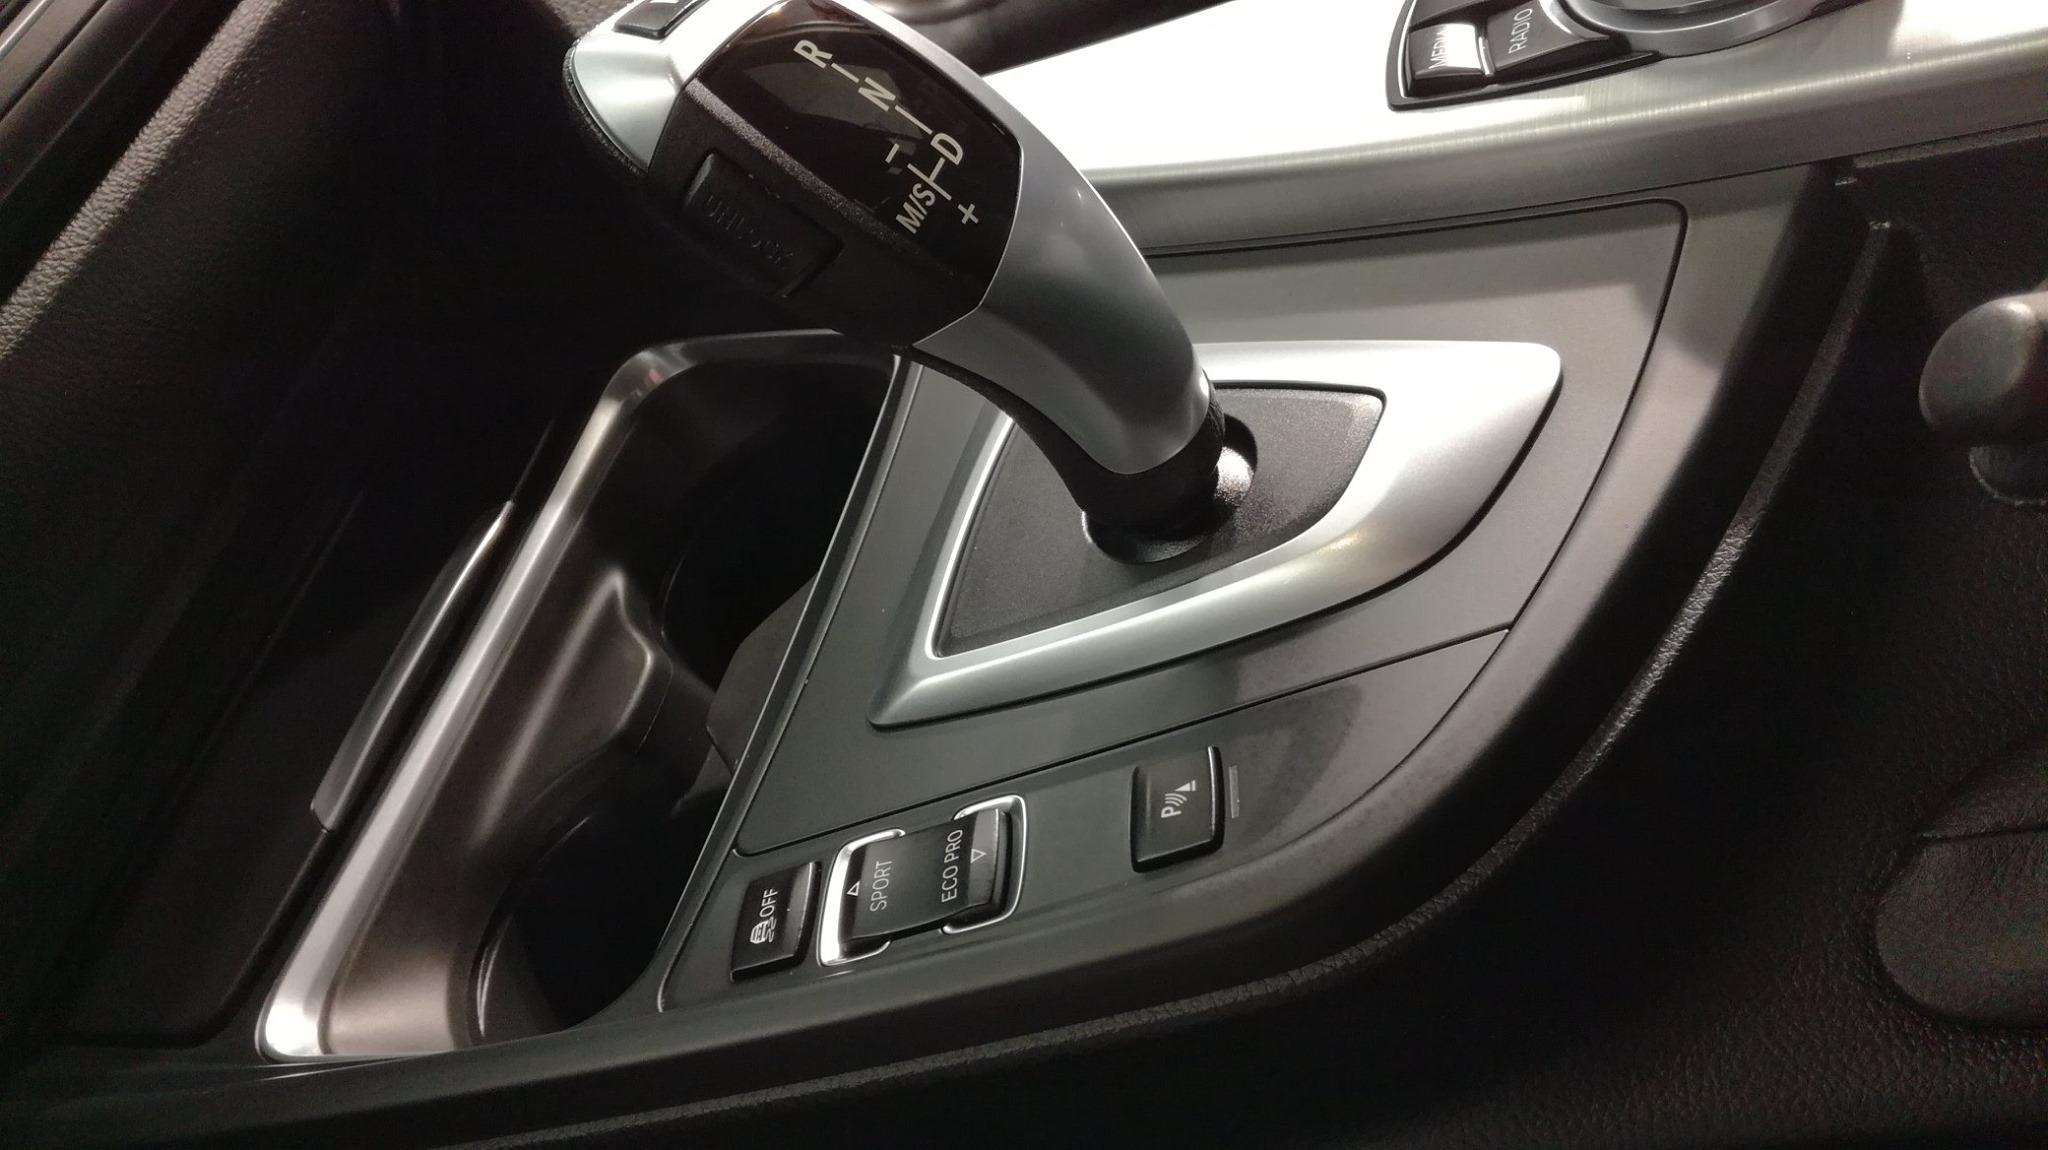 Naše TOP Detailingová služba - Čištění interiérů automobilů AUTO KRAUS GARAGE profesionální deteiling